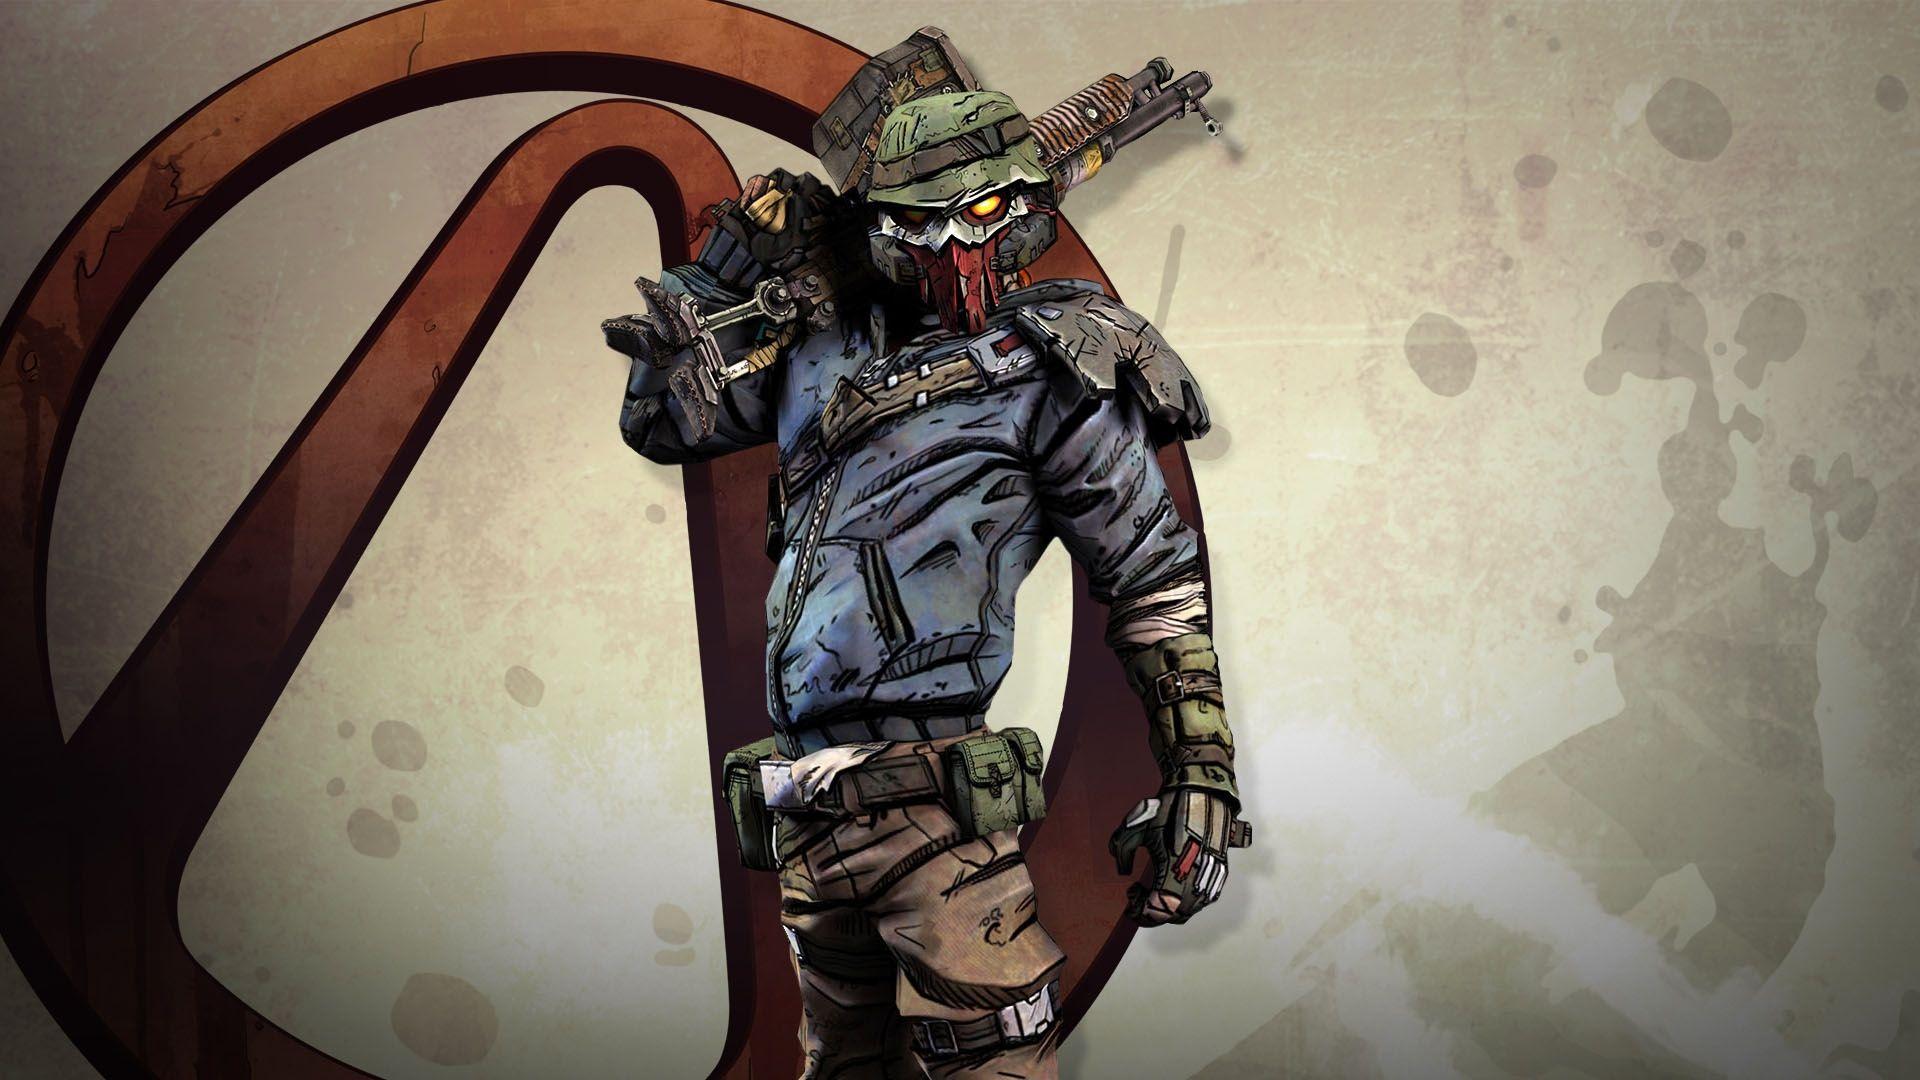 dashing borderlands roland shotgun emblem background download image